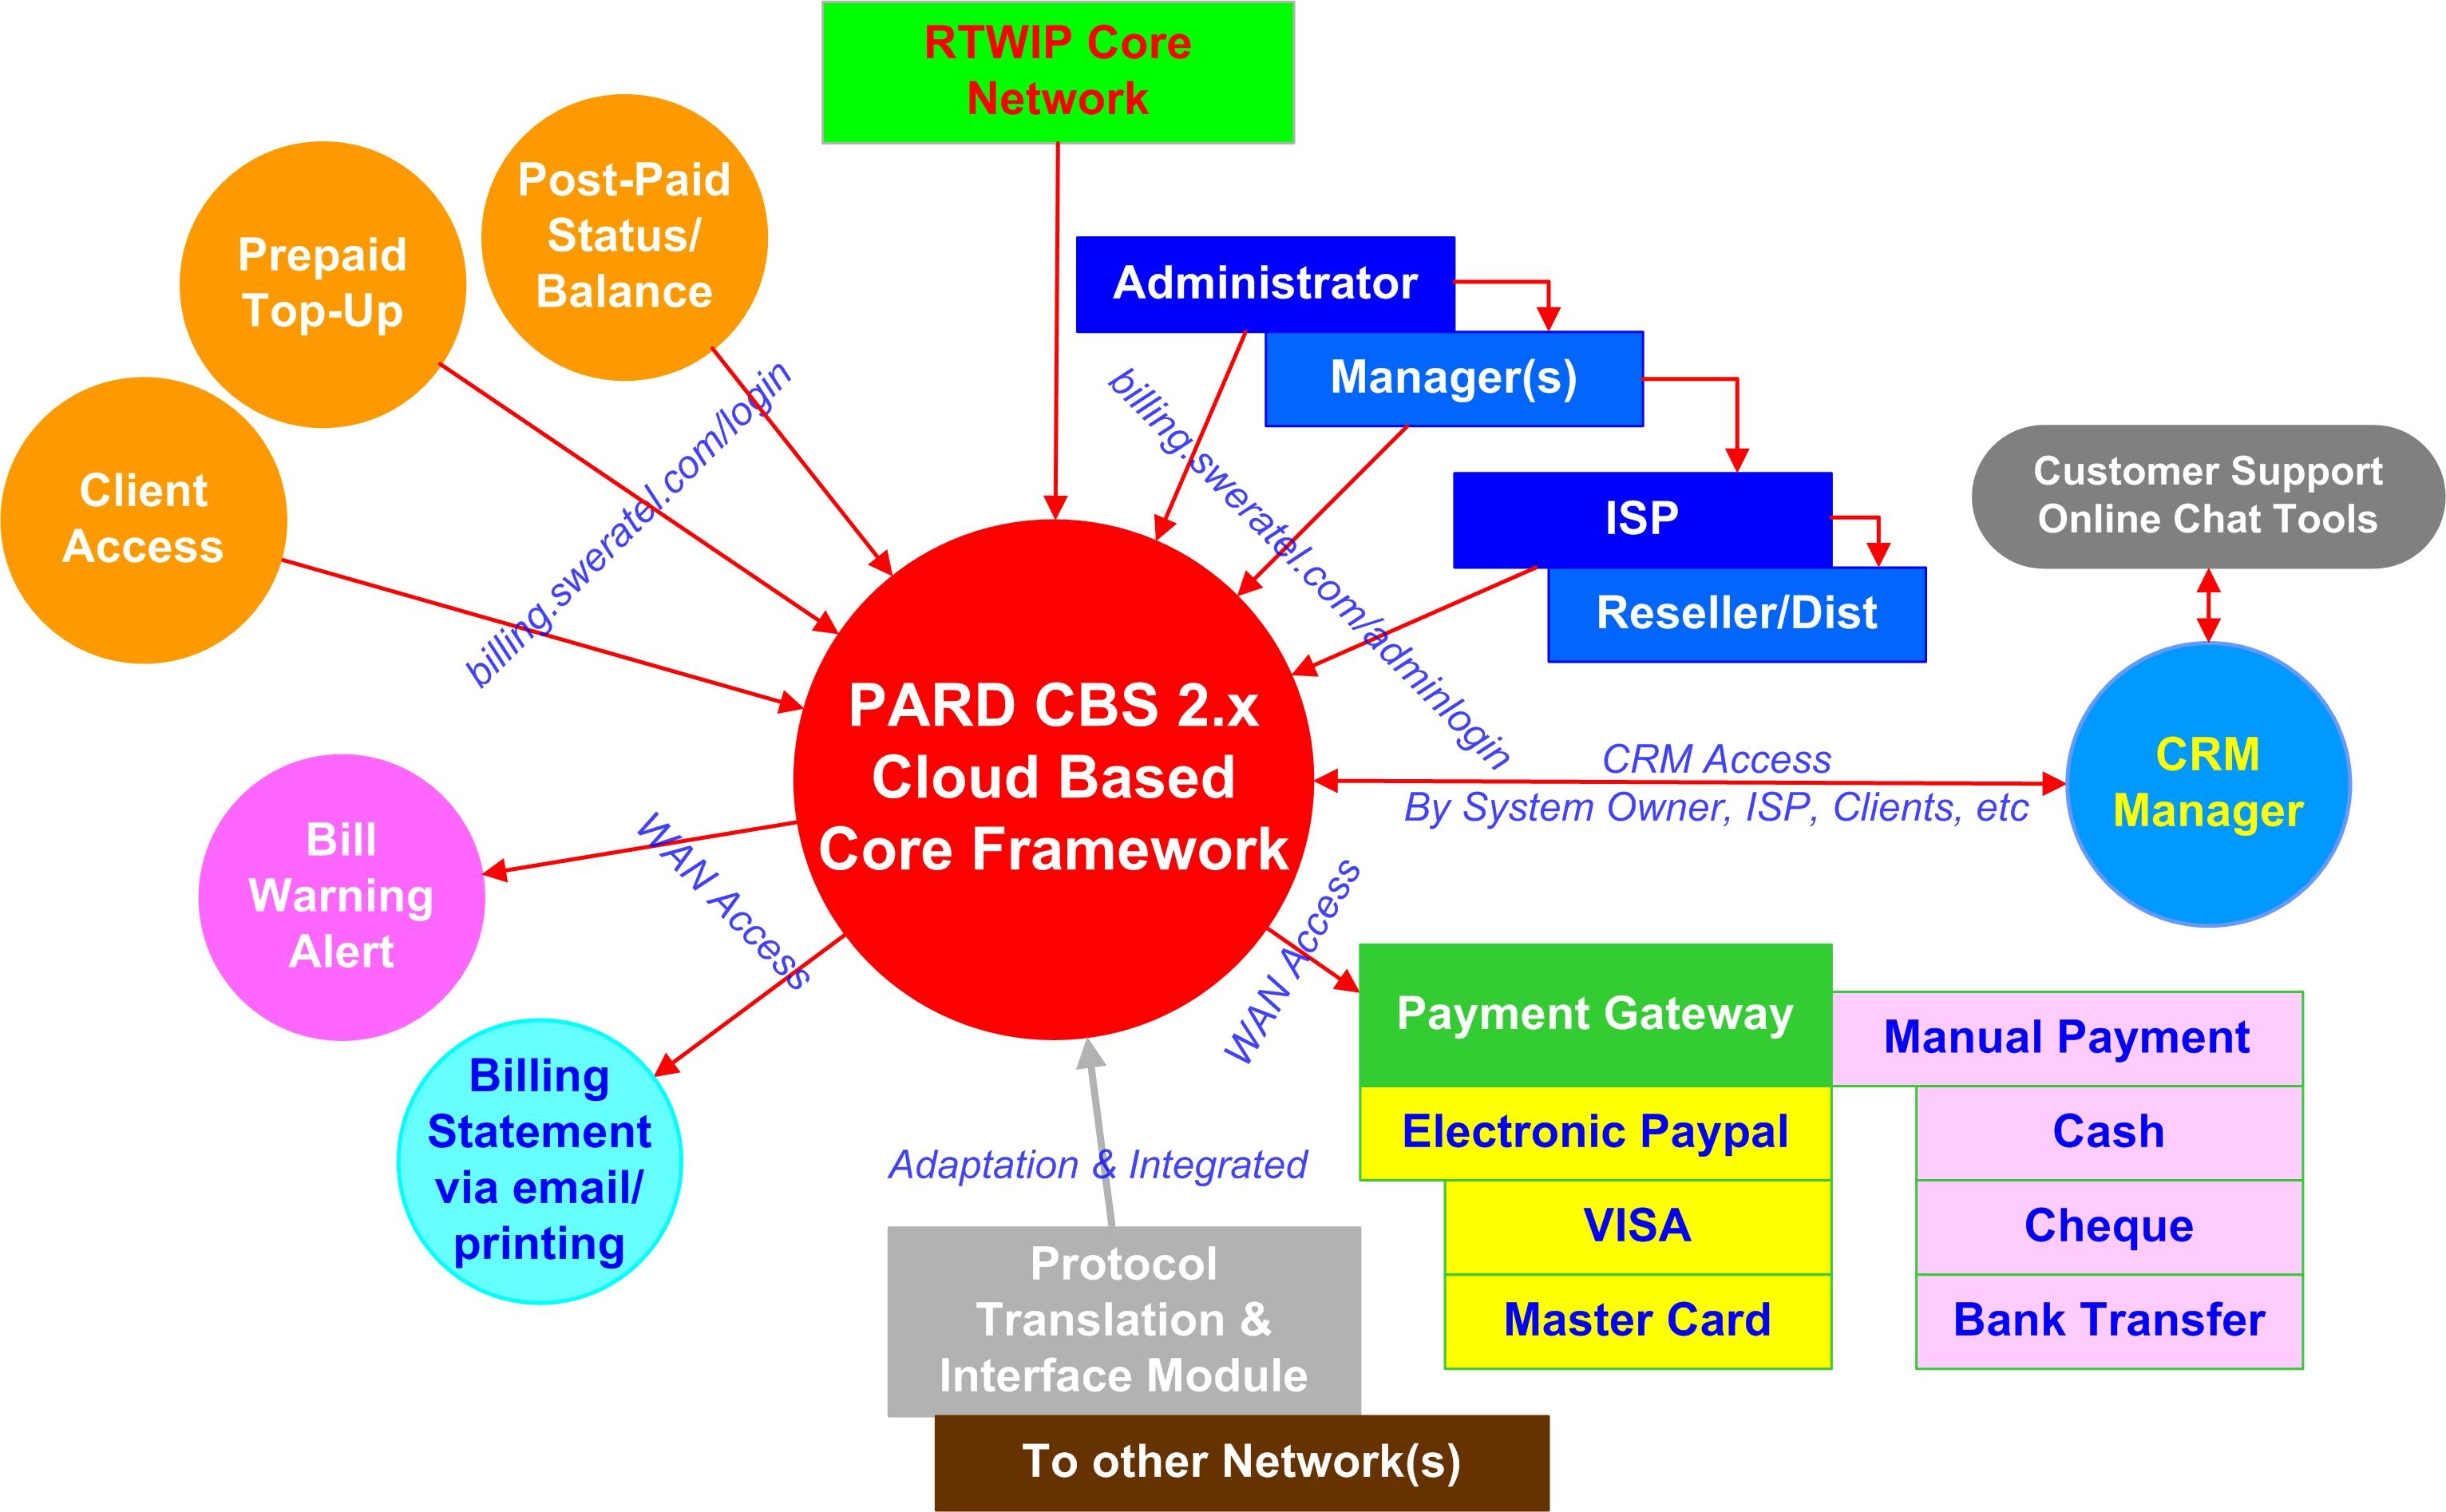 Pard CBS